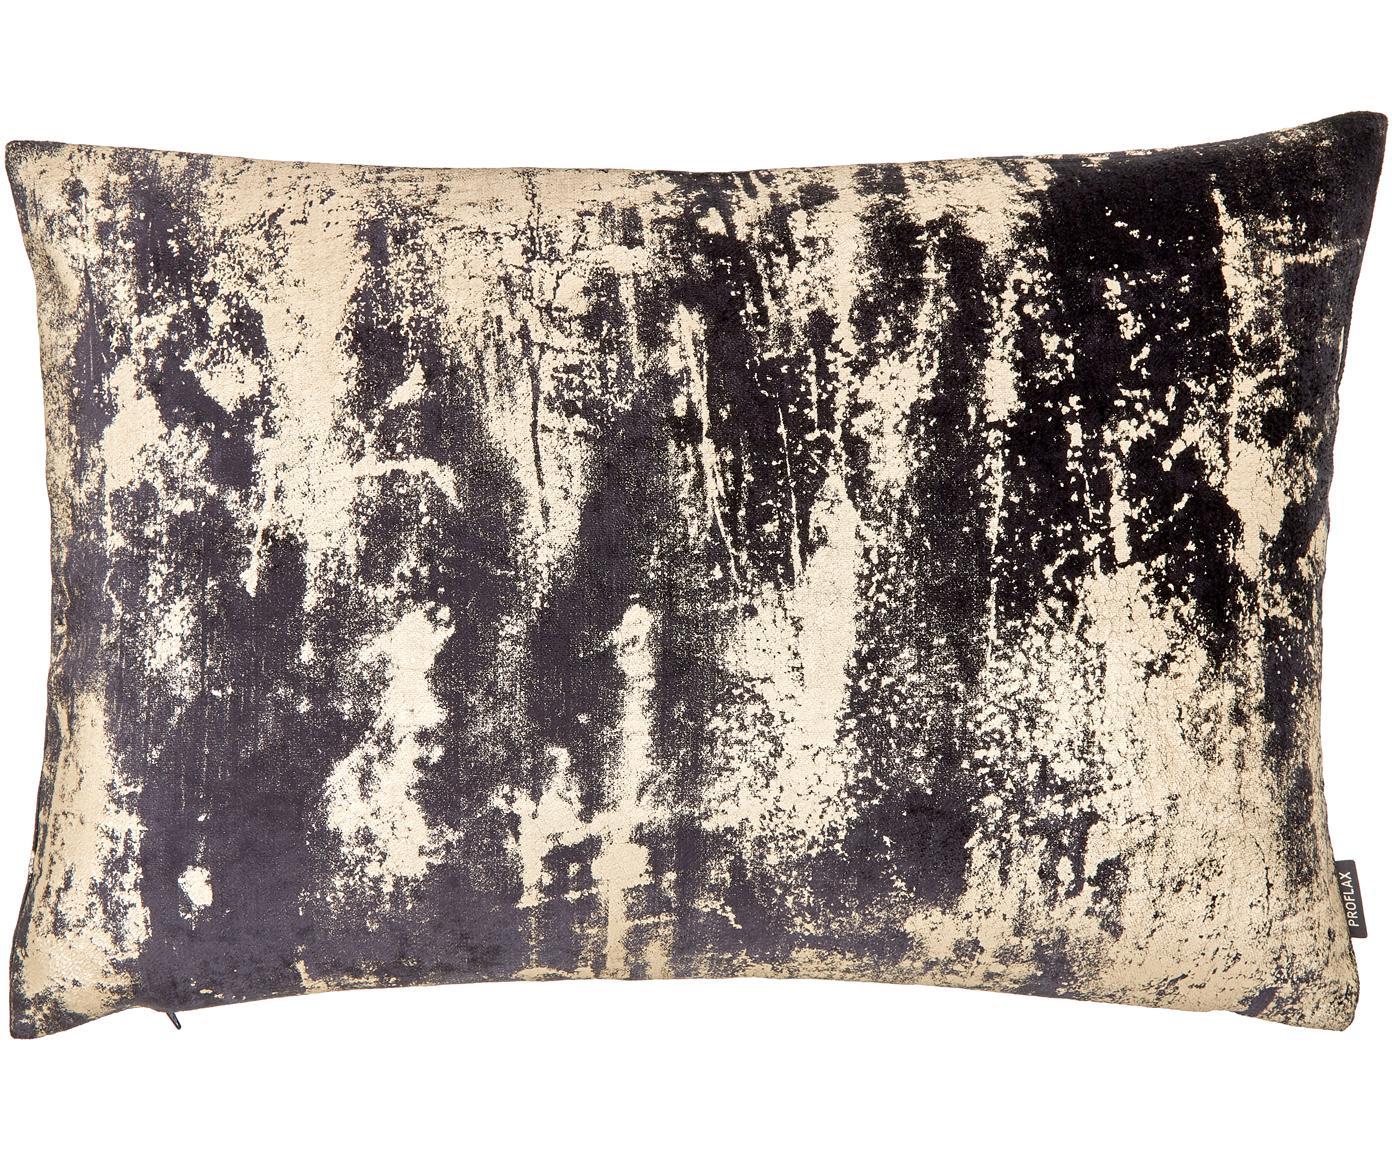 Poszewka na poduszkę z aksamitu Shiny, Grafitowoszary, S 40 x D 60 cm